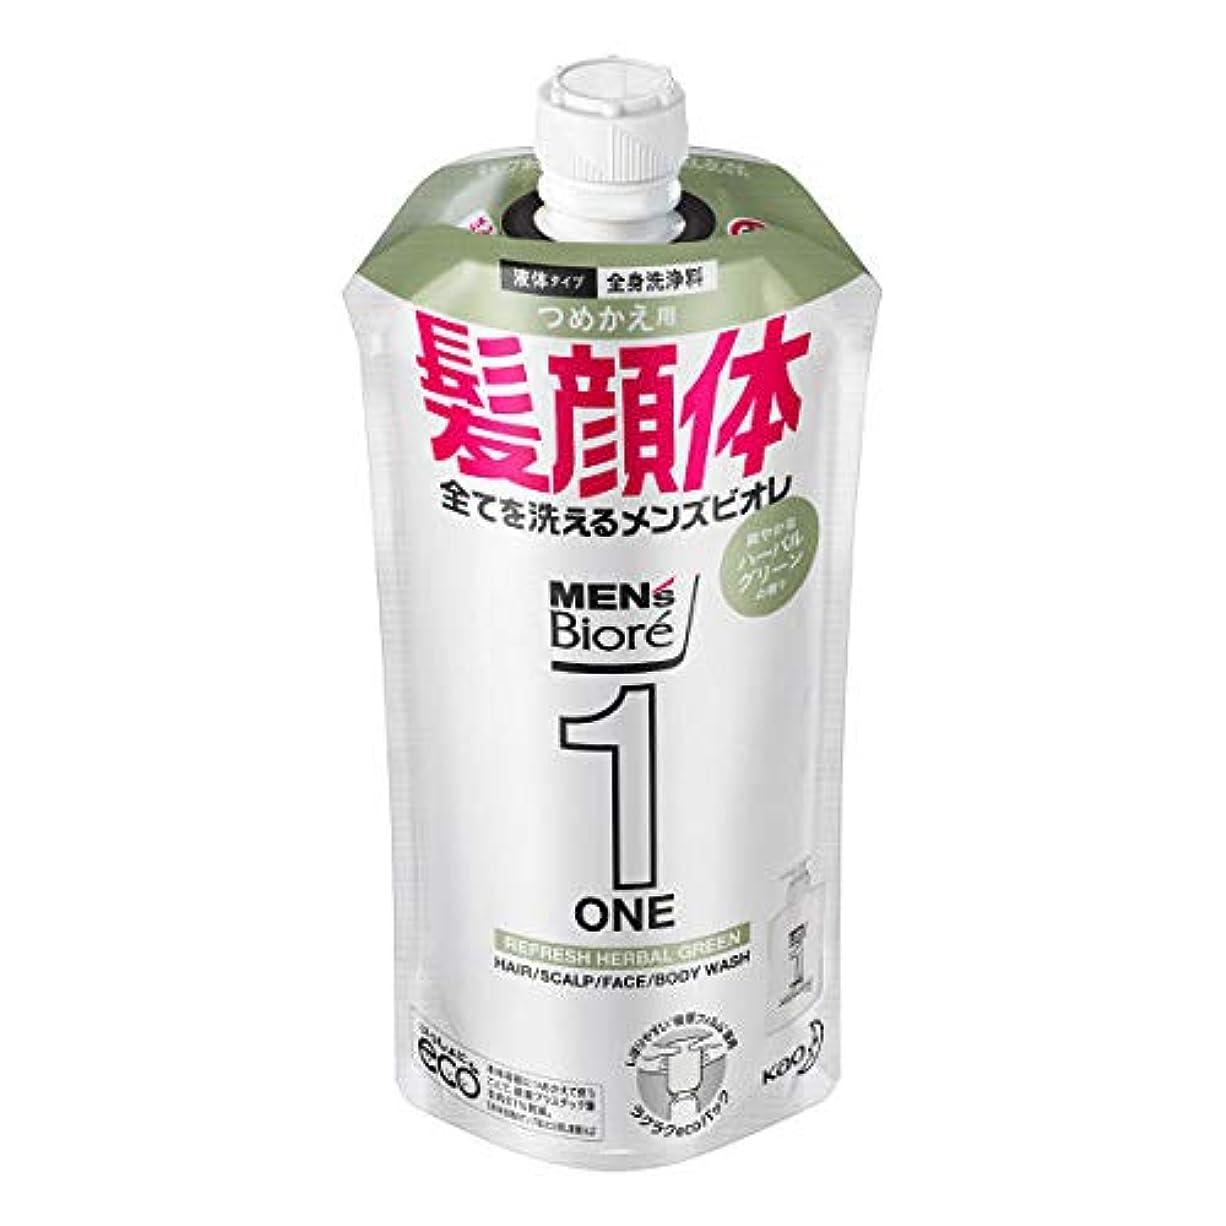 品種スナッチ貸し手メンズビオレONE オールインワン全身洗浄料 爽やかなハーブルグリーンの香り つめかえ用 340mL